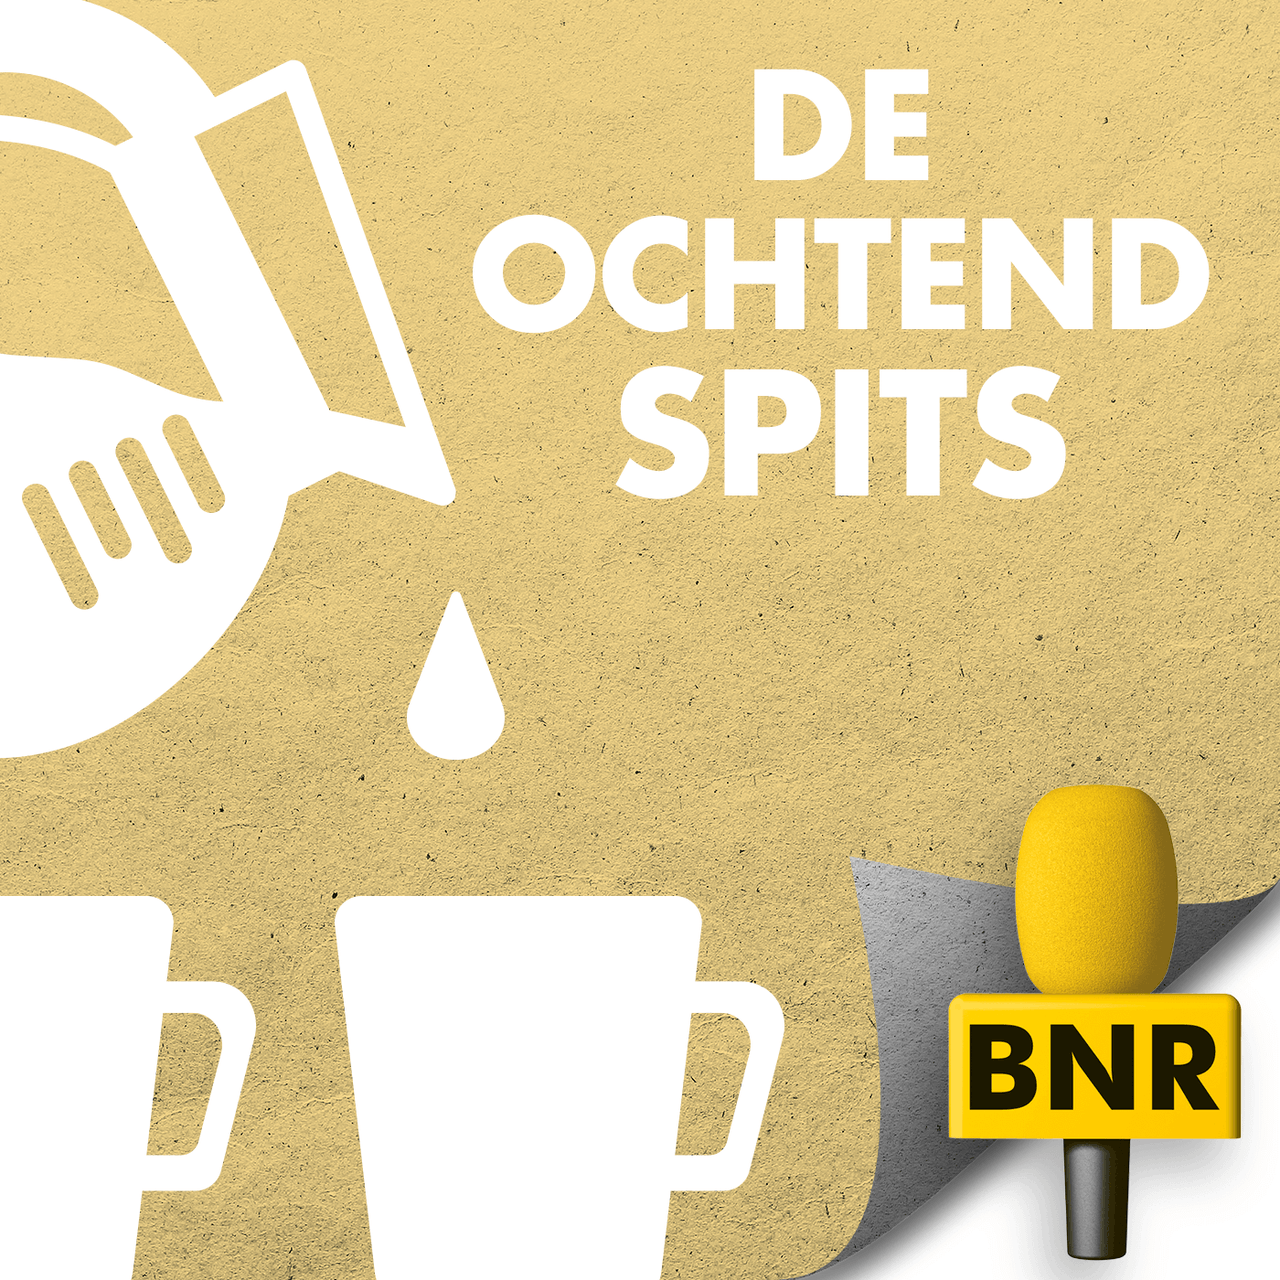 BNR Nieuwsradio: coronacrisis mogelijk belemmering voor zelfstandigen en zzp'ers bij aanvragen hypotheek